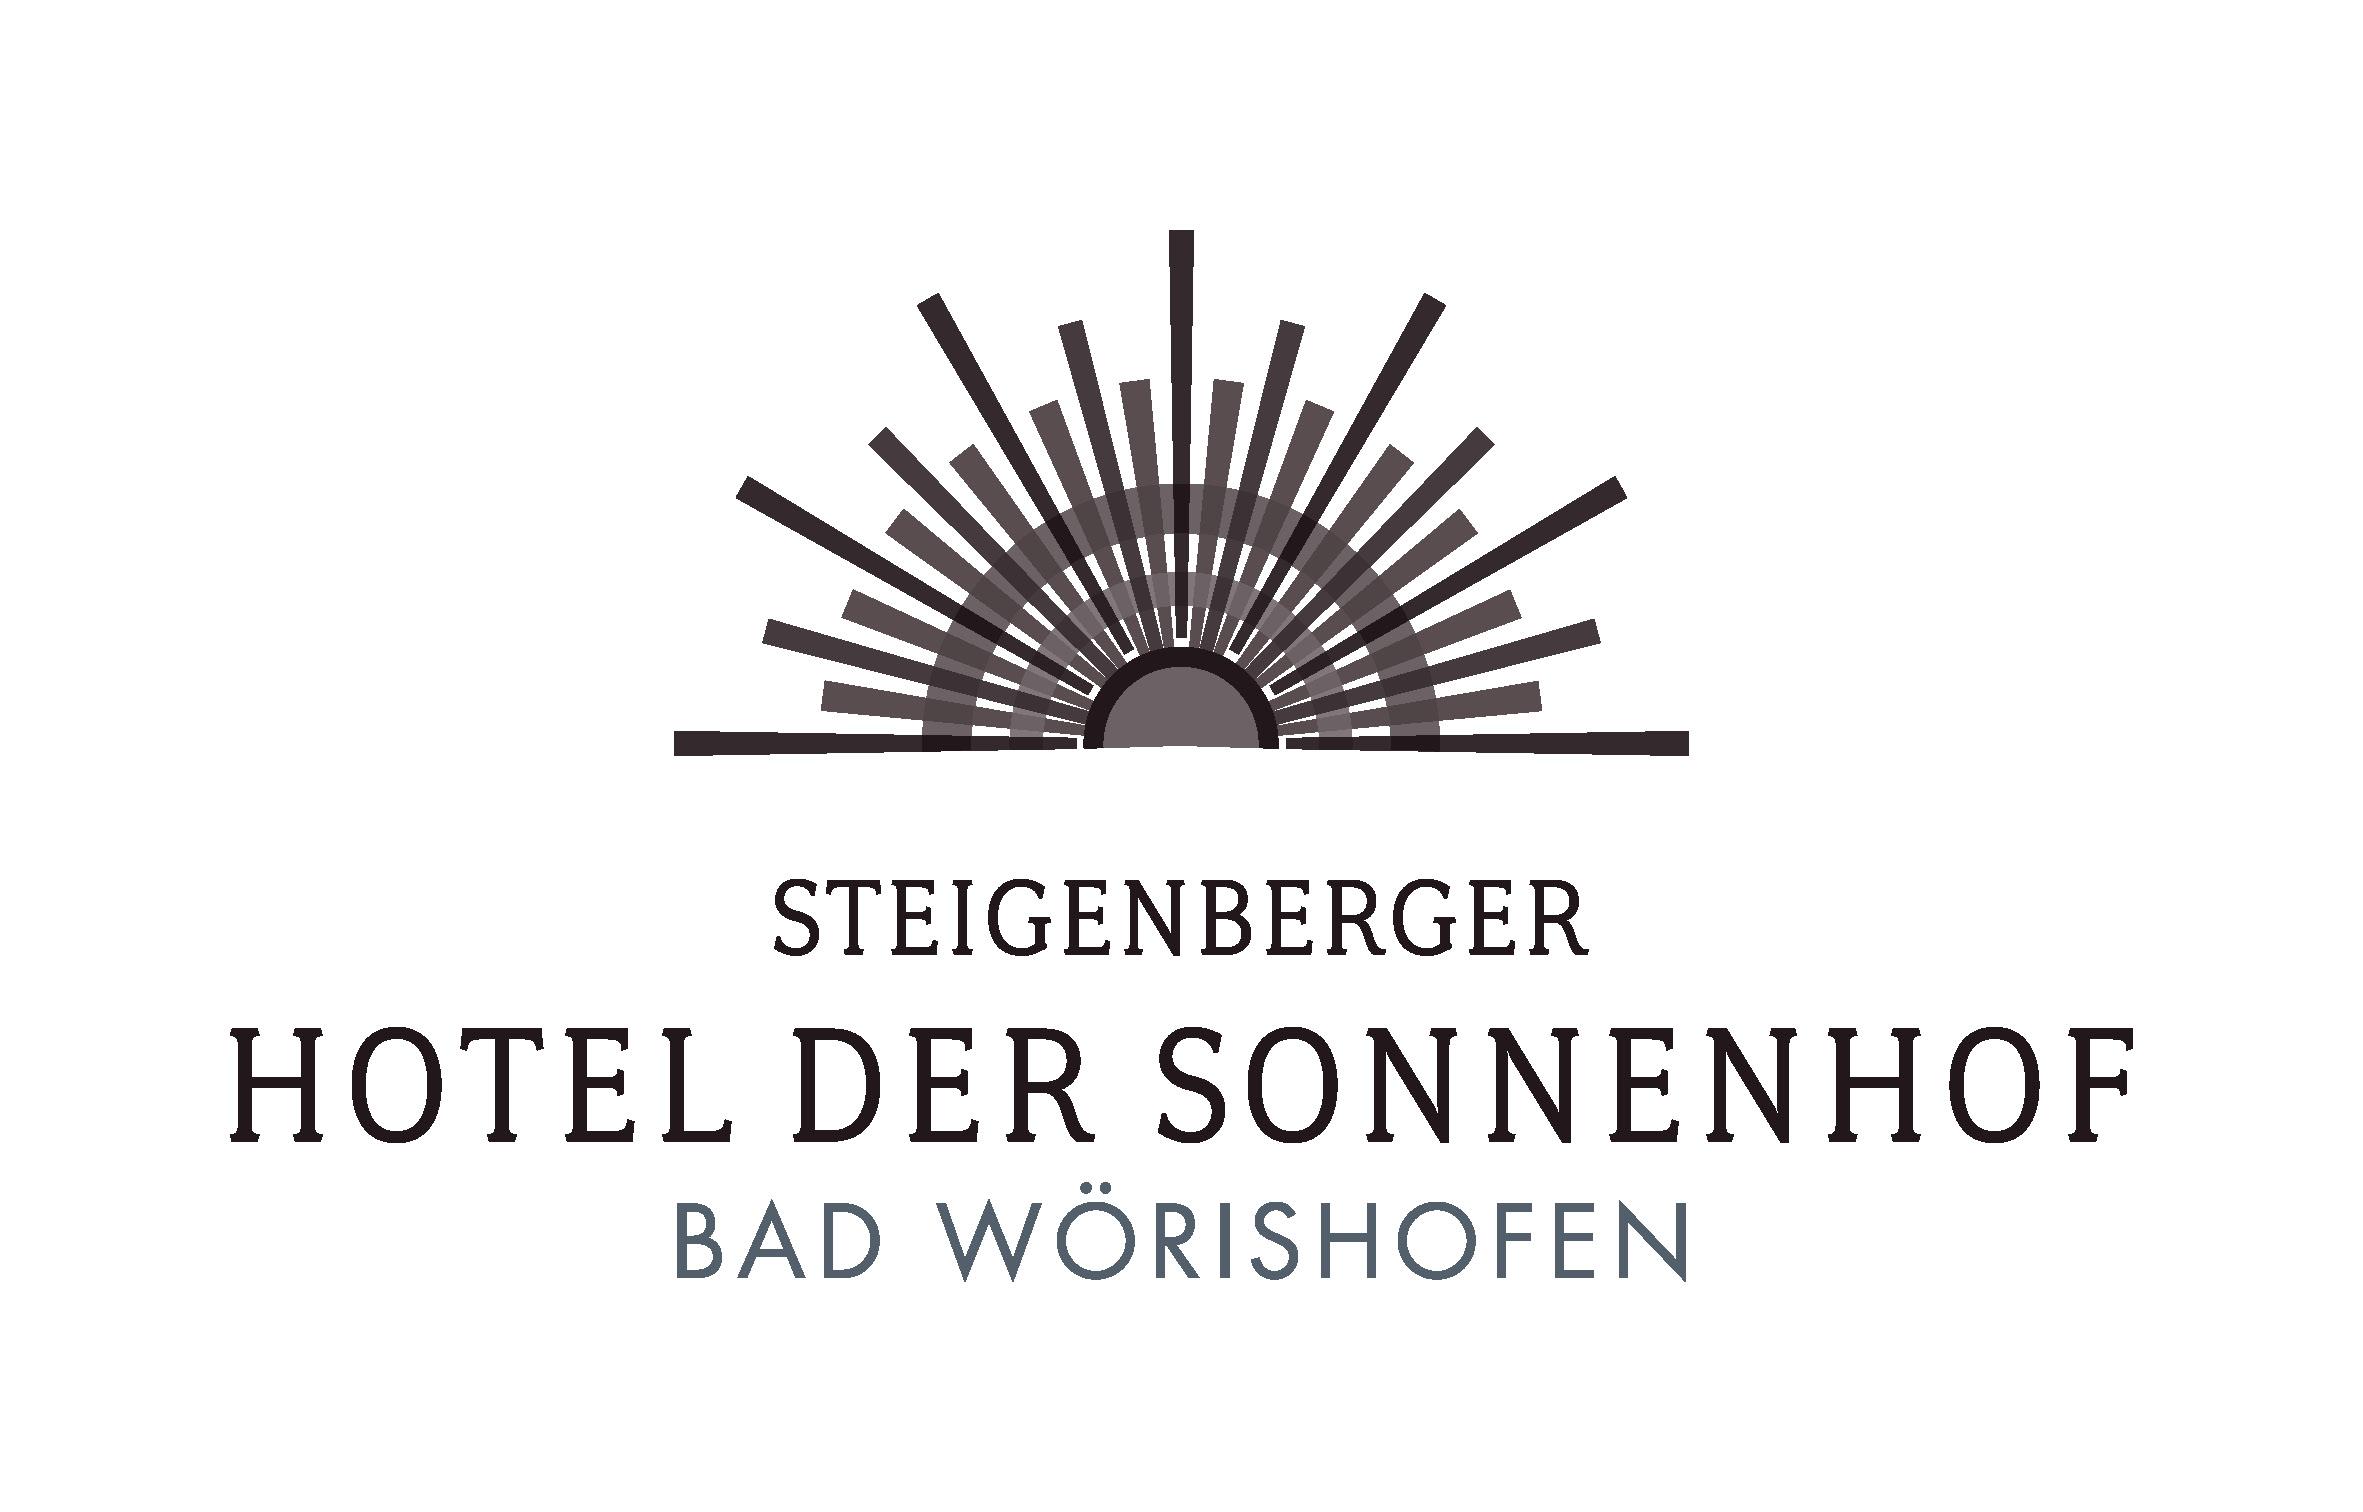 Steigenberger Hotel Der Sonnenhof Impression